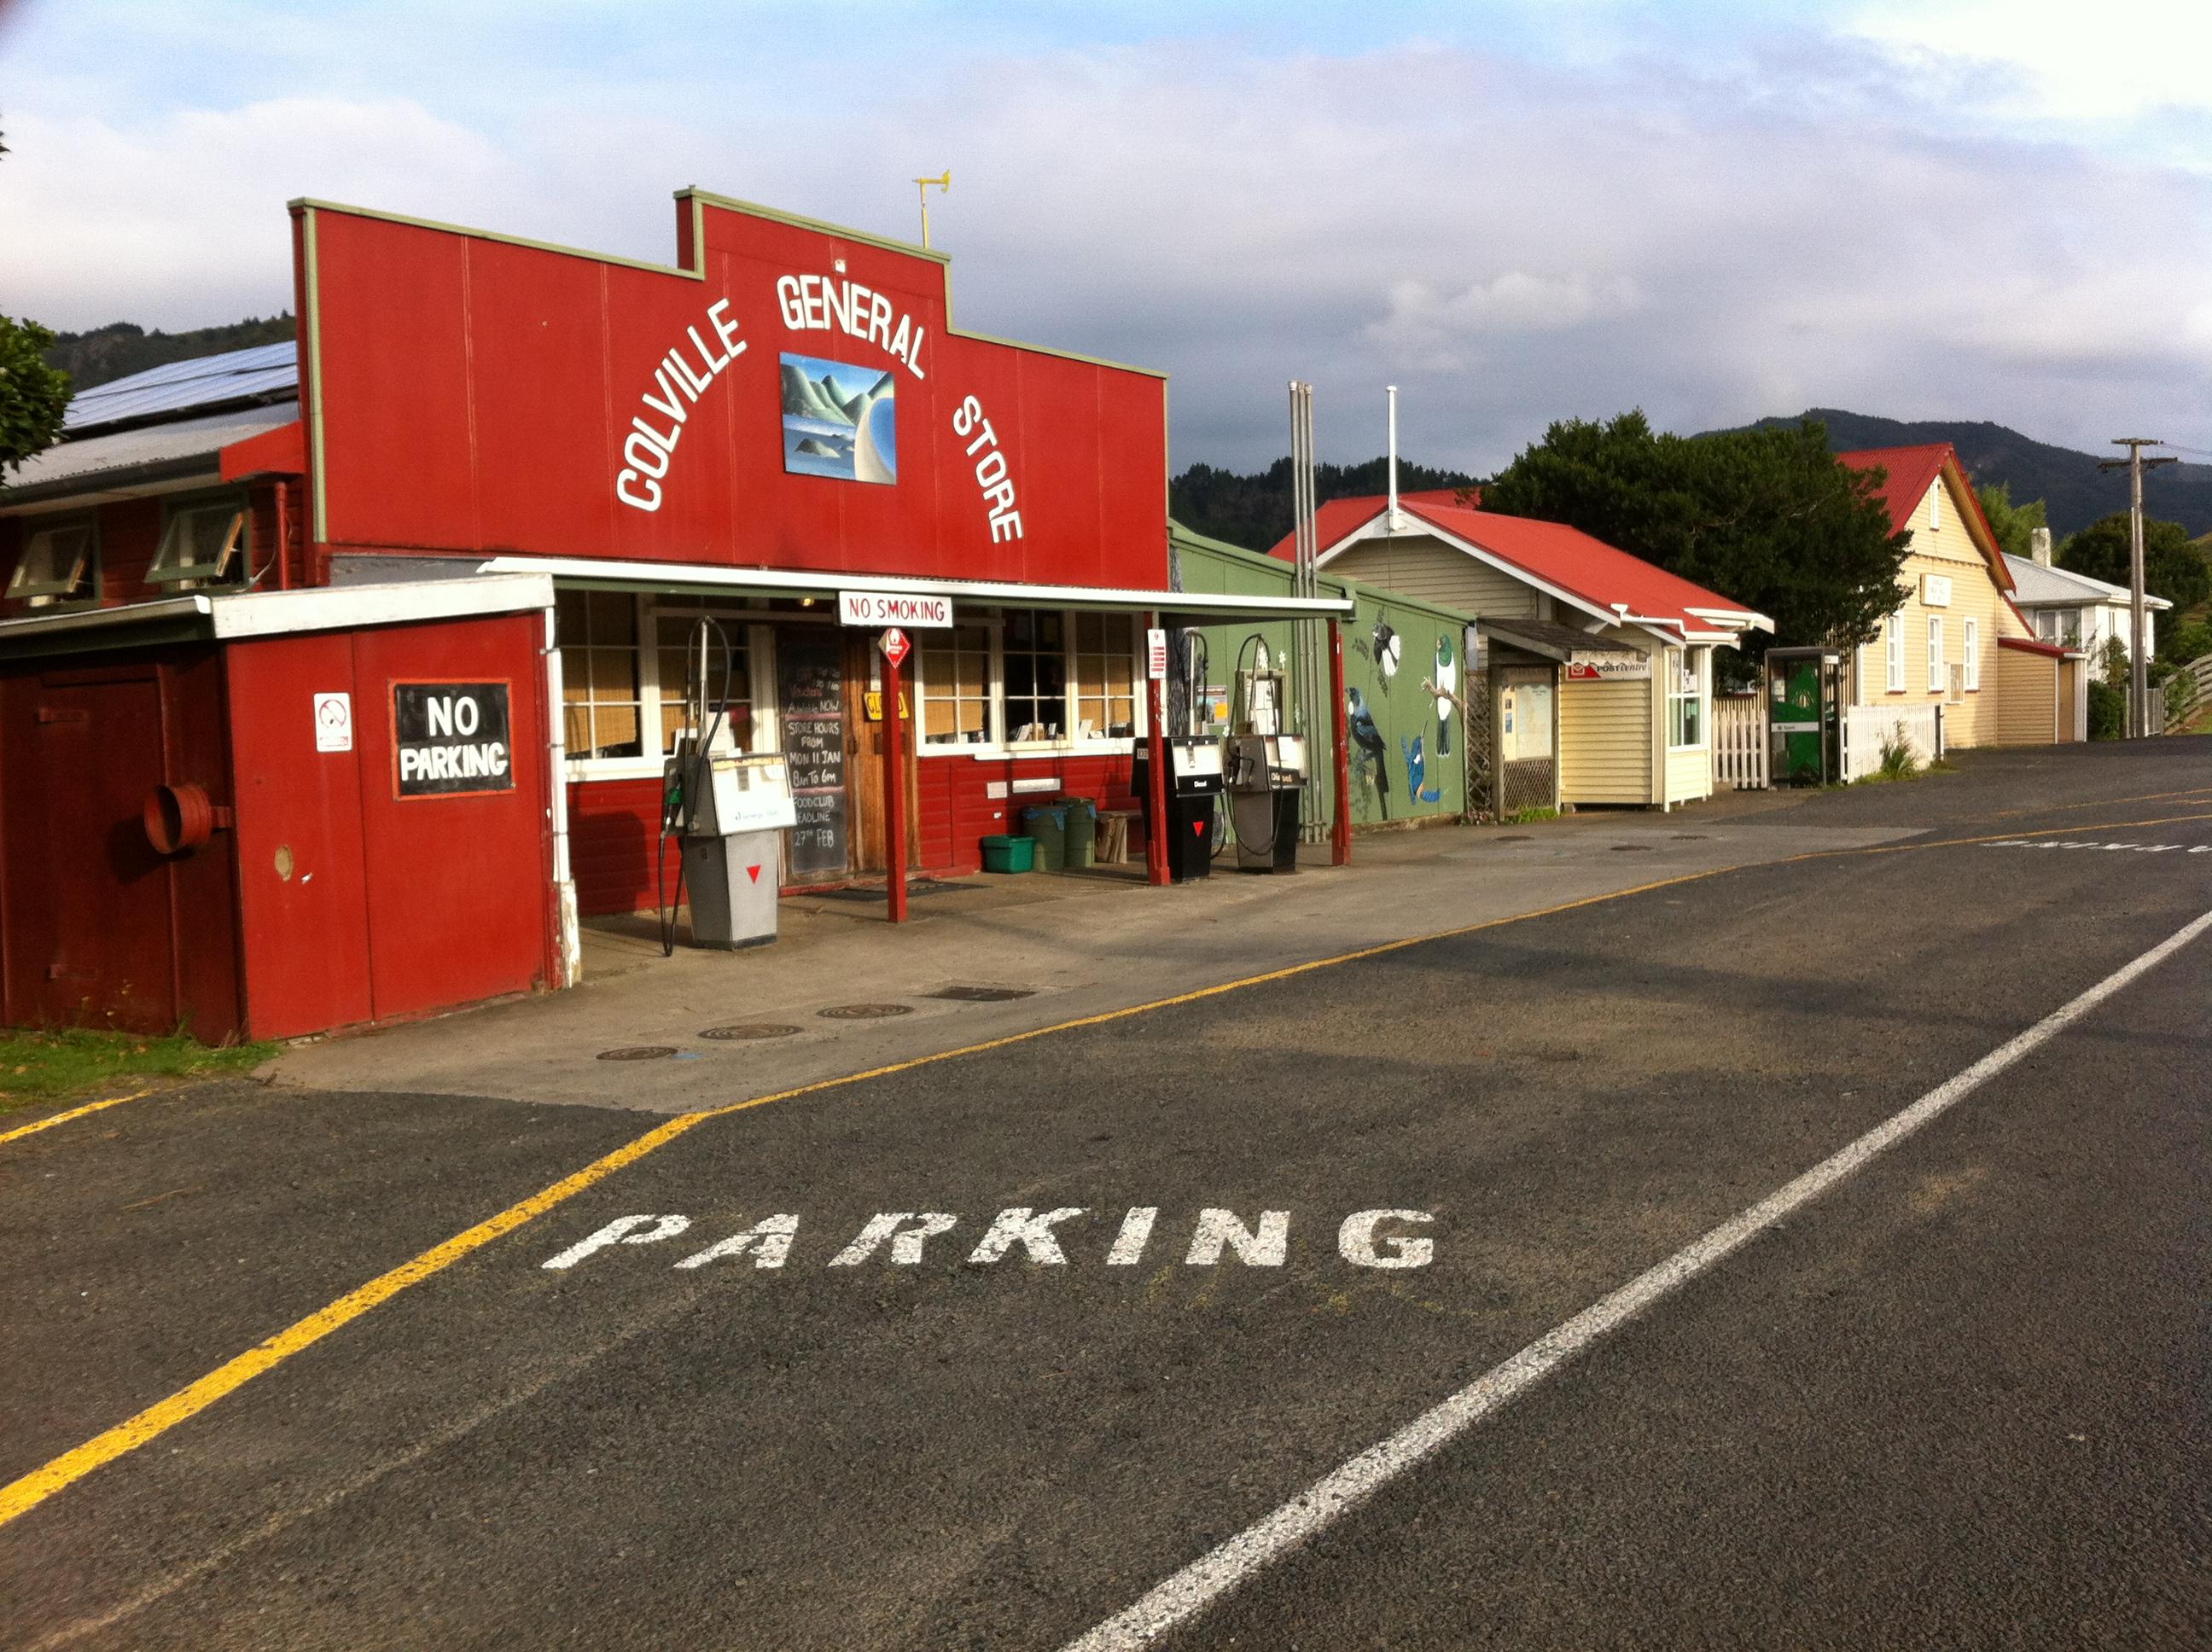 Yvonderweg - Hoe en wat in Nieuw Zeeland - Colville general store